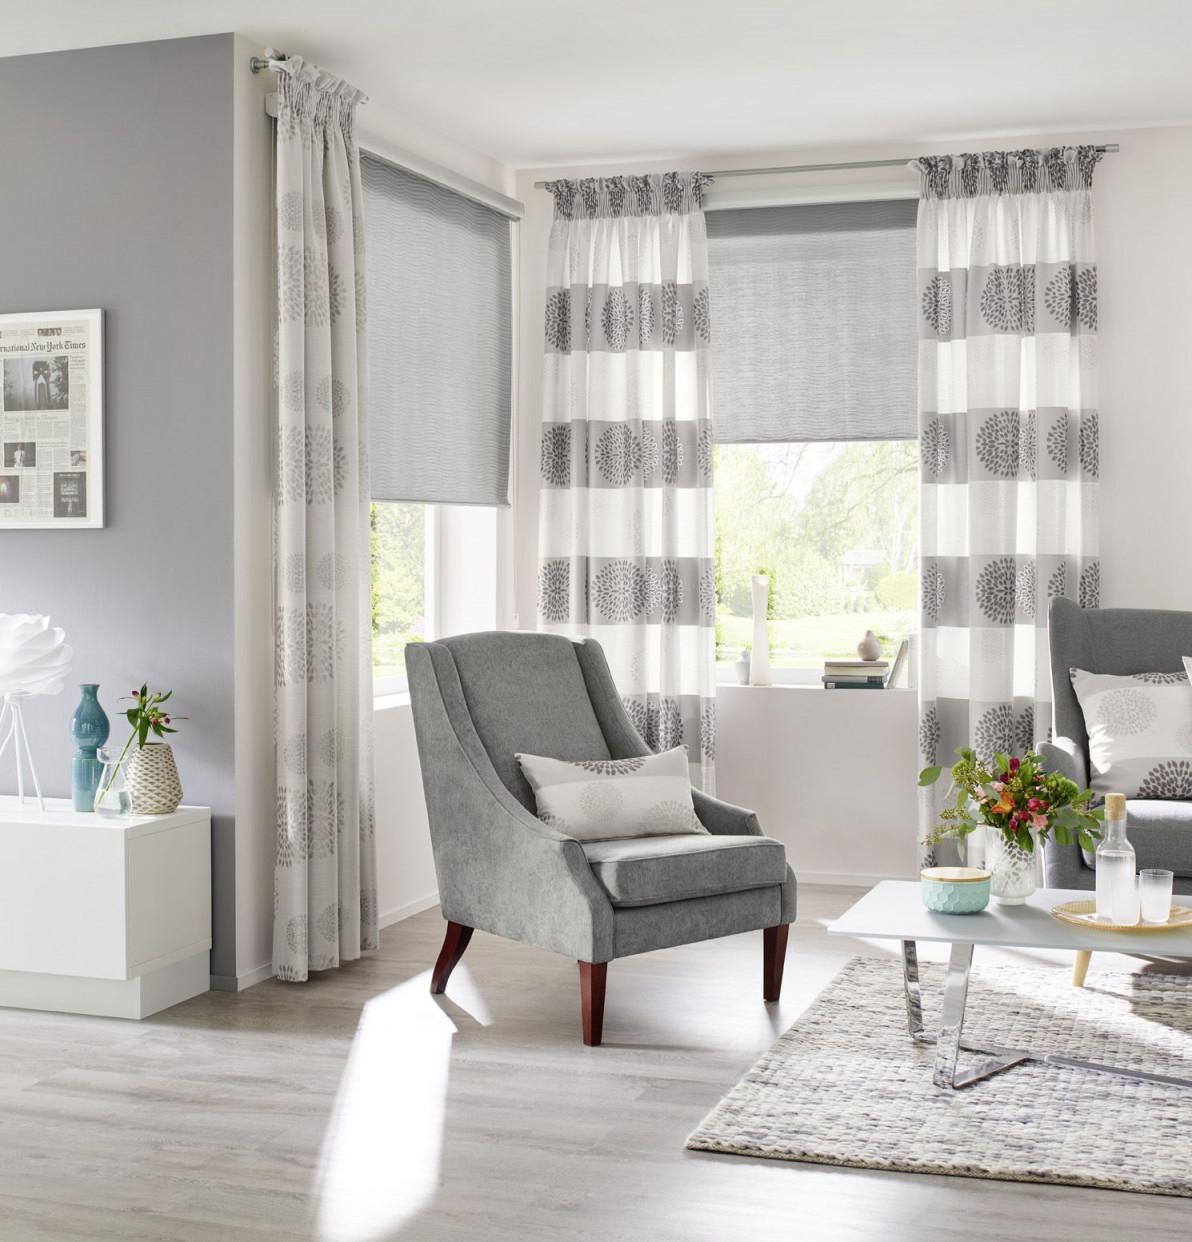 Fenster Globe Gardinen Dekostoffe Vorhang Wohnstoffe von Gardinen Für Erker Wohnzimmer Bild